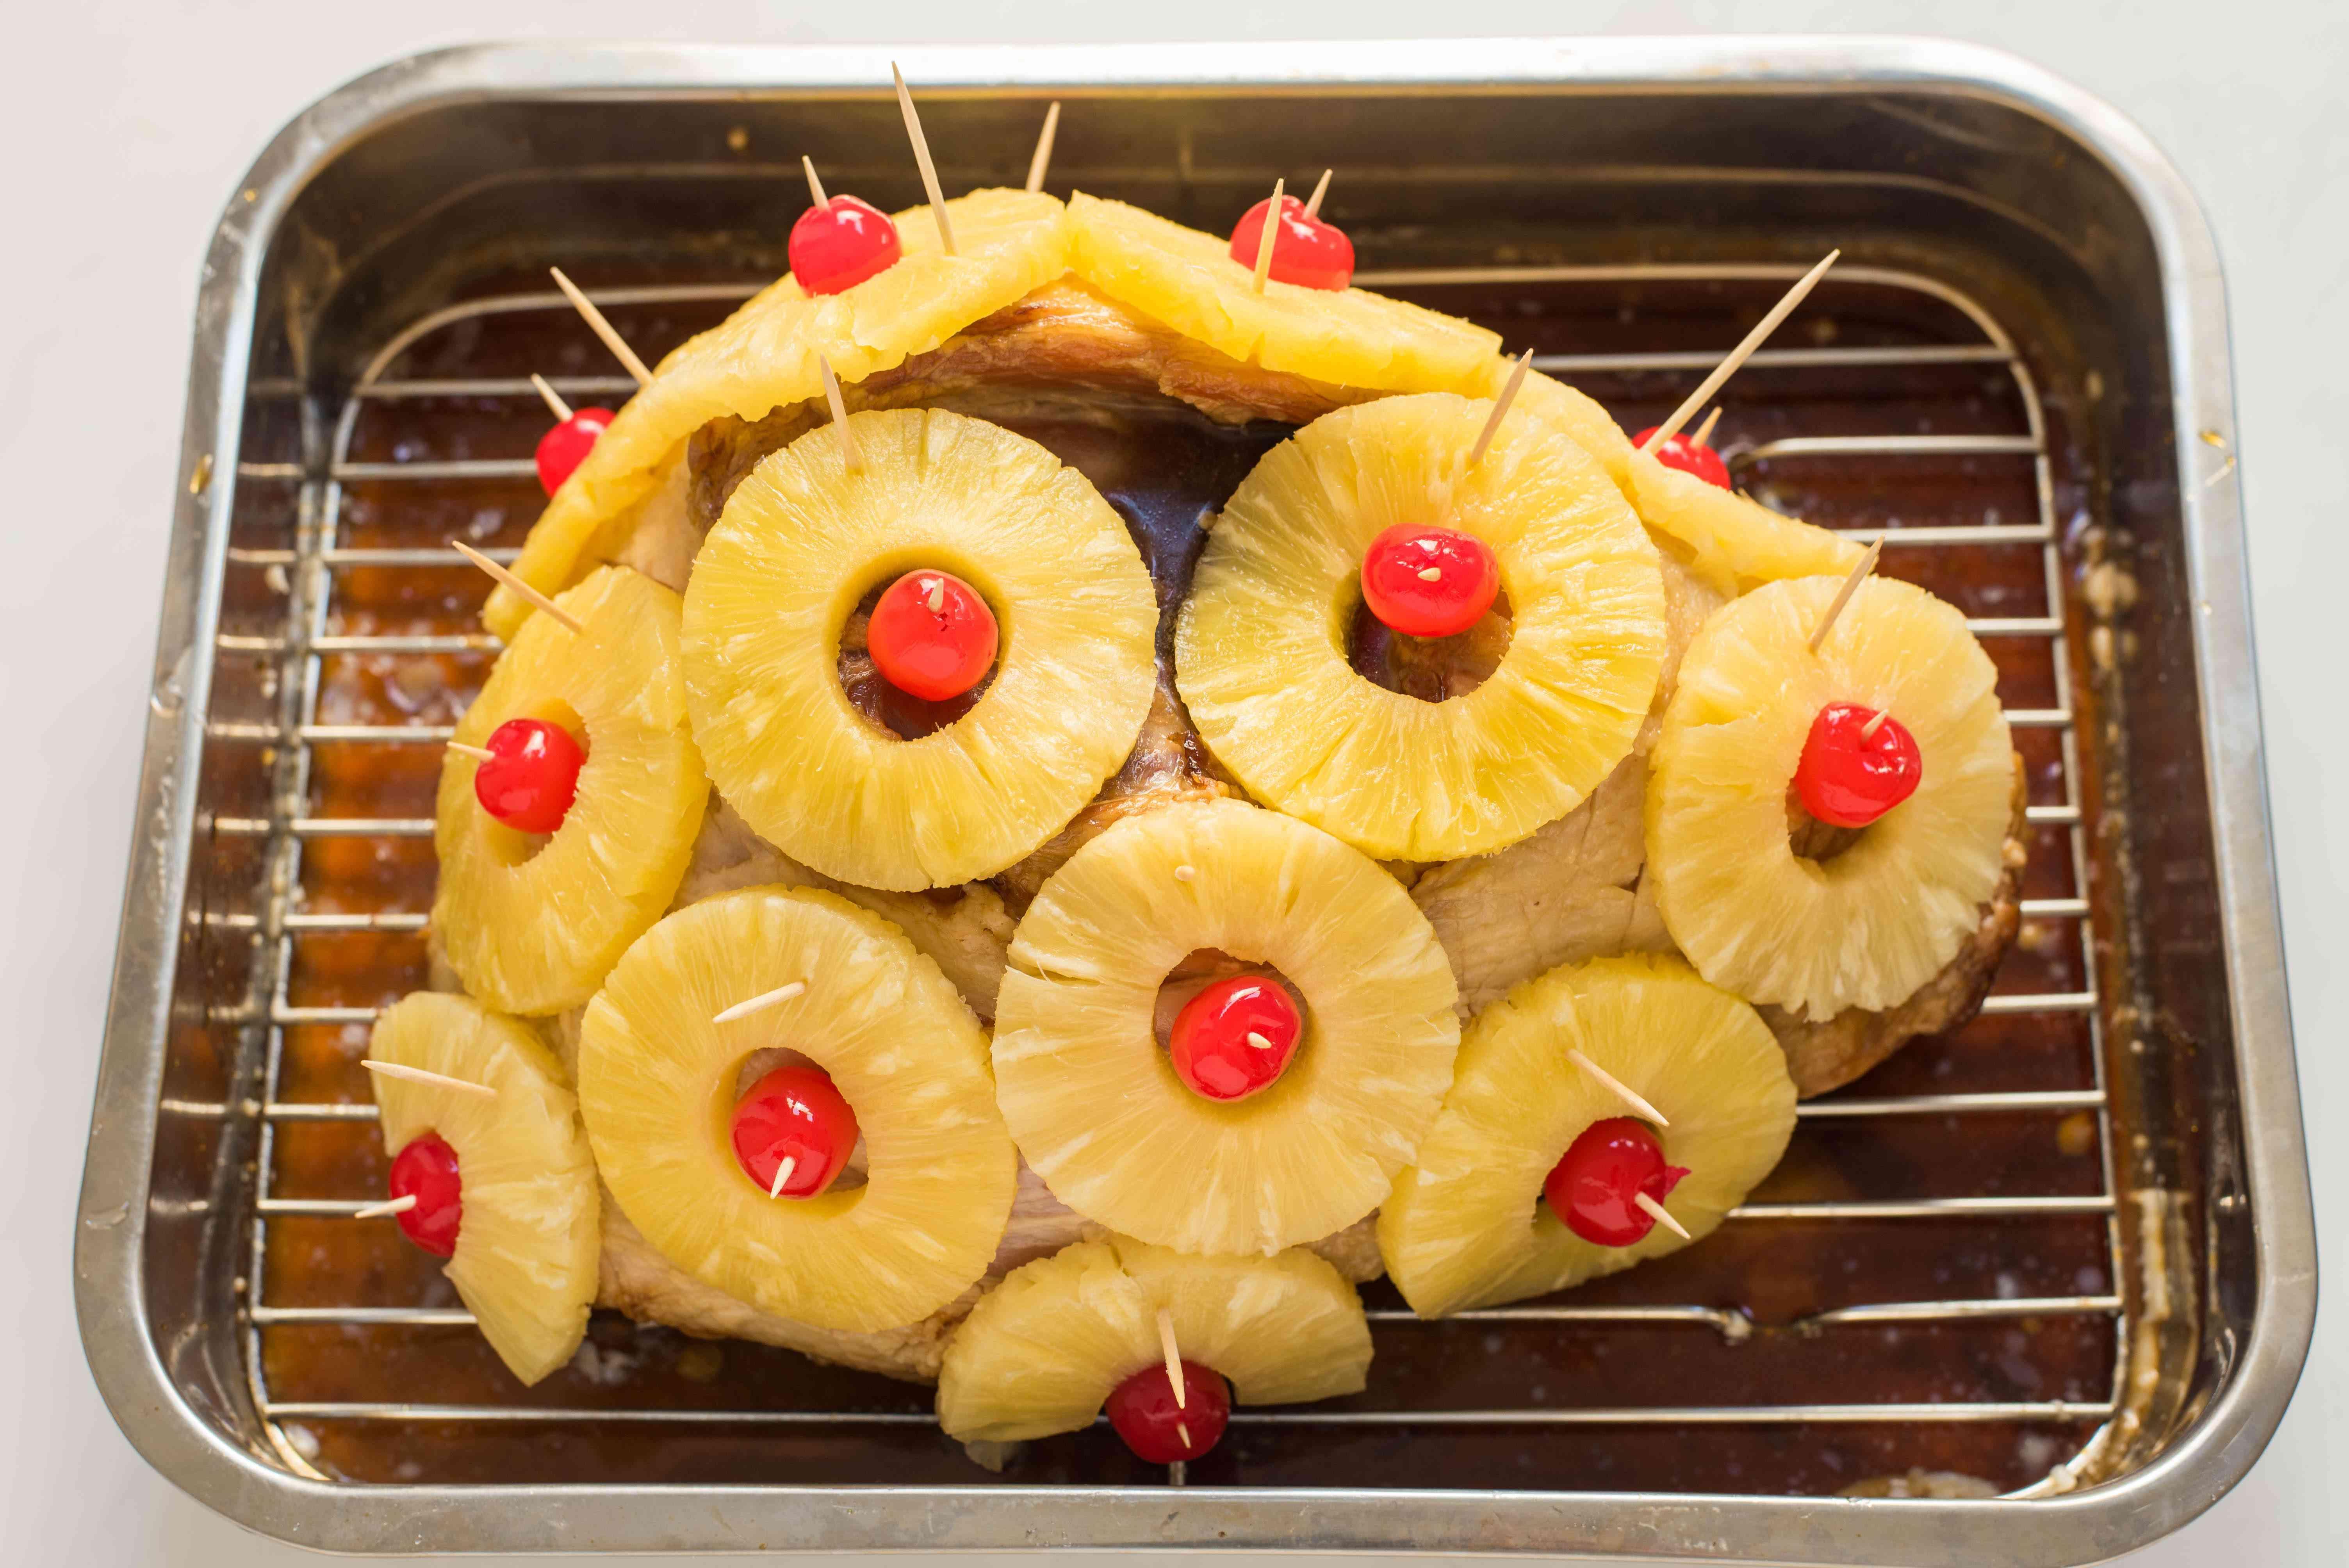 Arrange pineapple slices and cherries